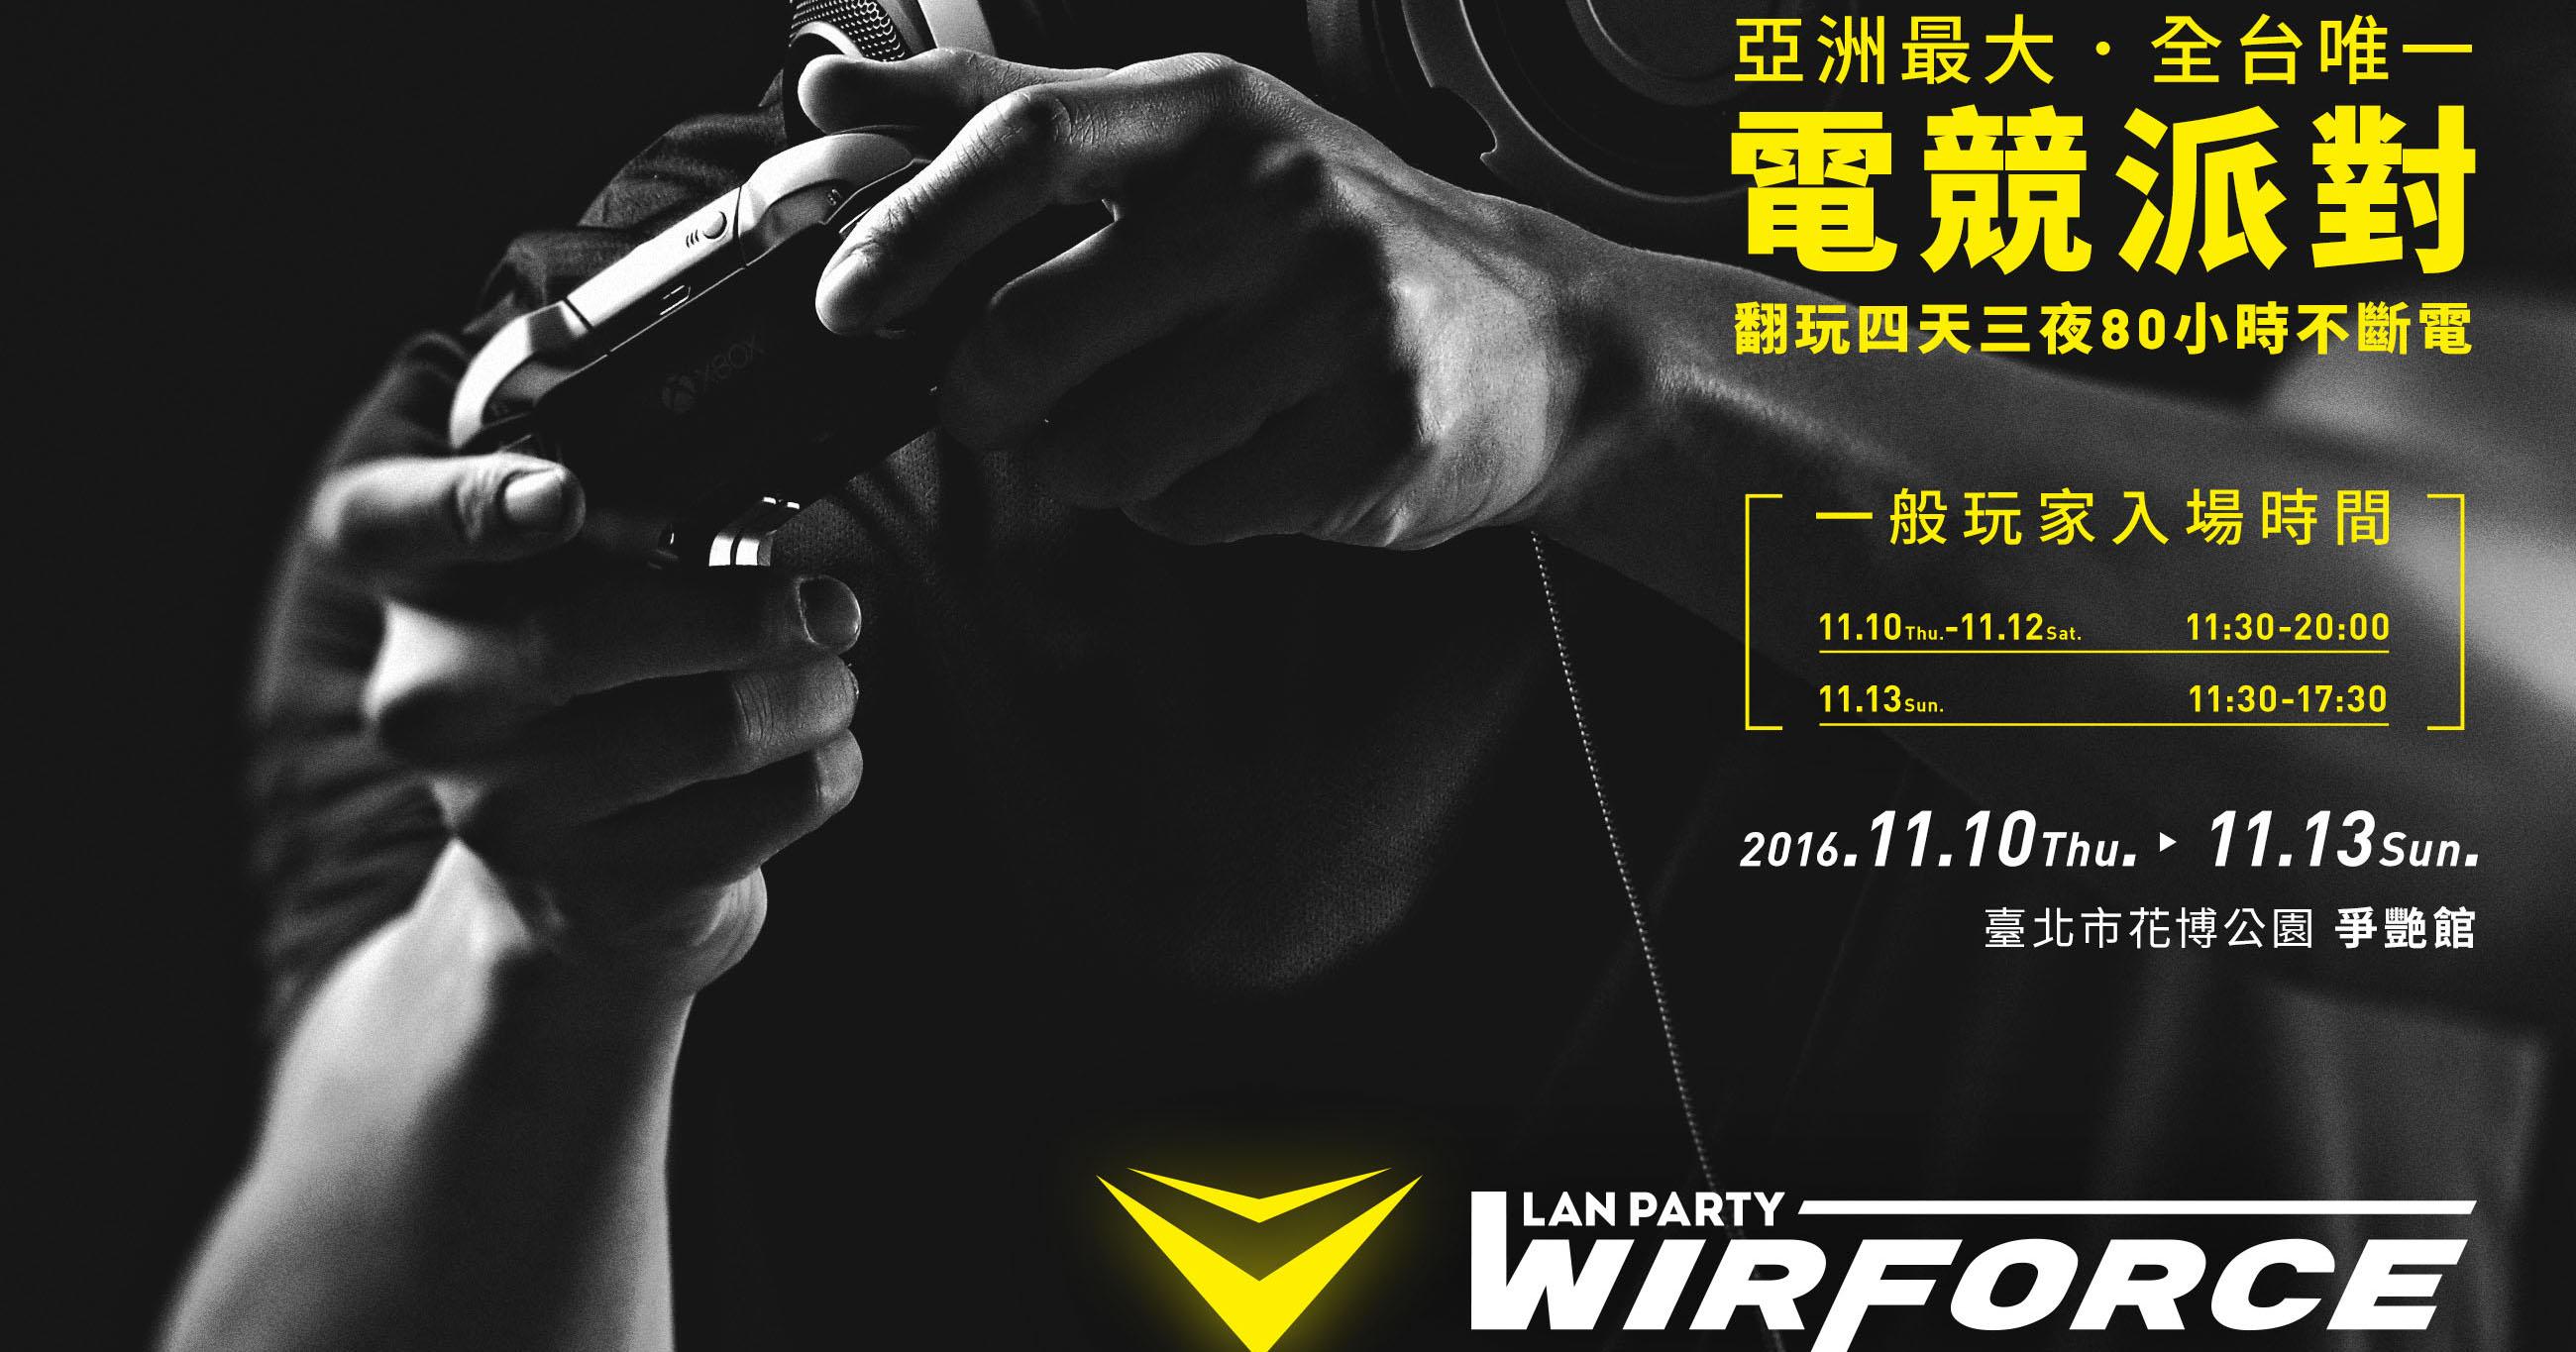 亞洲最大電競嘉年華WirForce 11/10盛大開展,各國好手齊聚一較高下